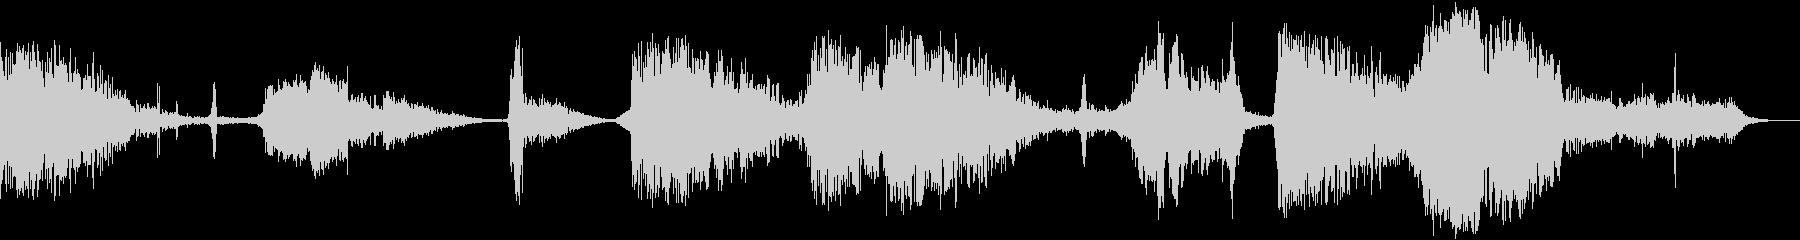 【ホラー】 【映画】 タイトルロゴ_02の未再生の波形